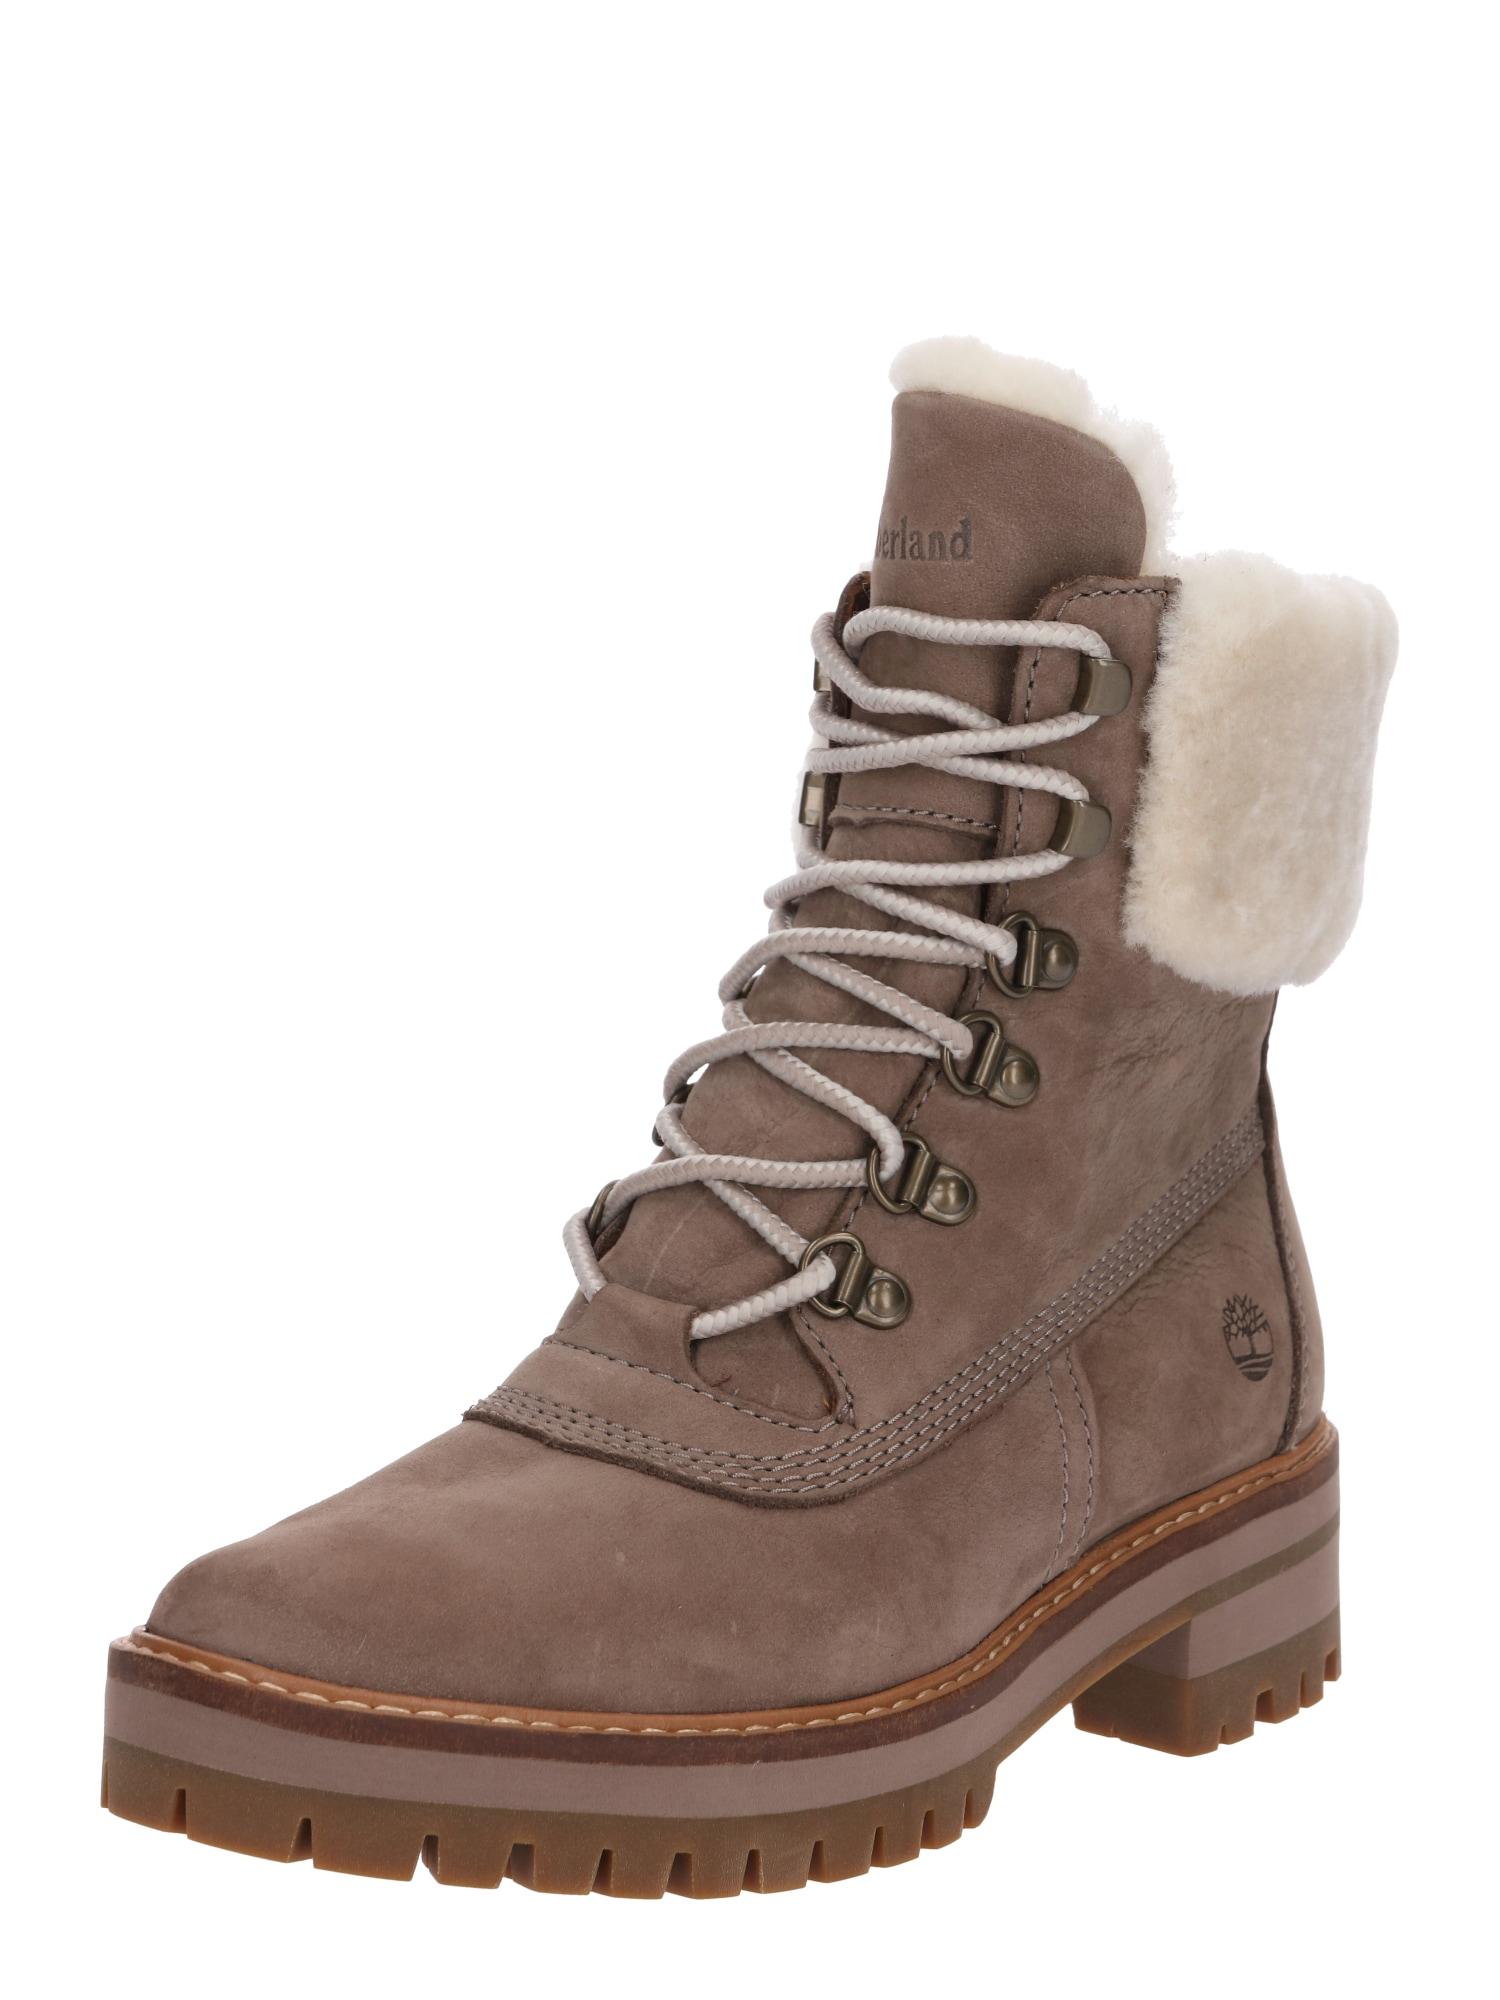 Šněrovací boty Shearlin šedobéžová bílá TIMBERLAND